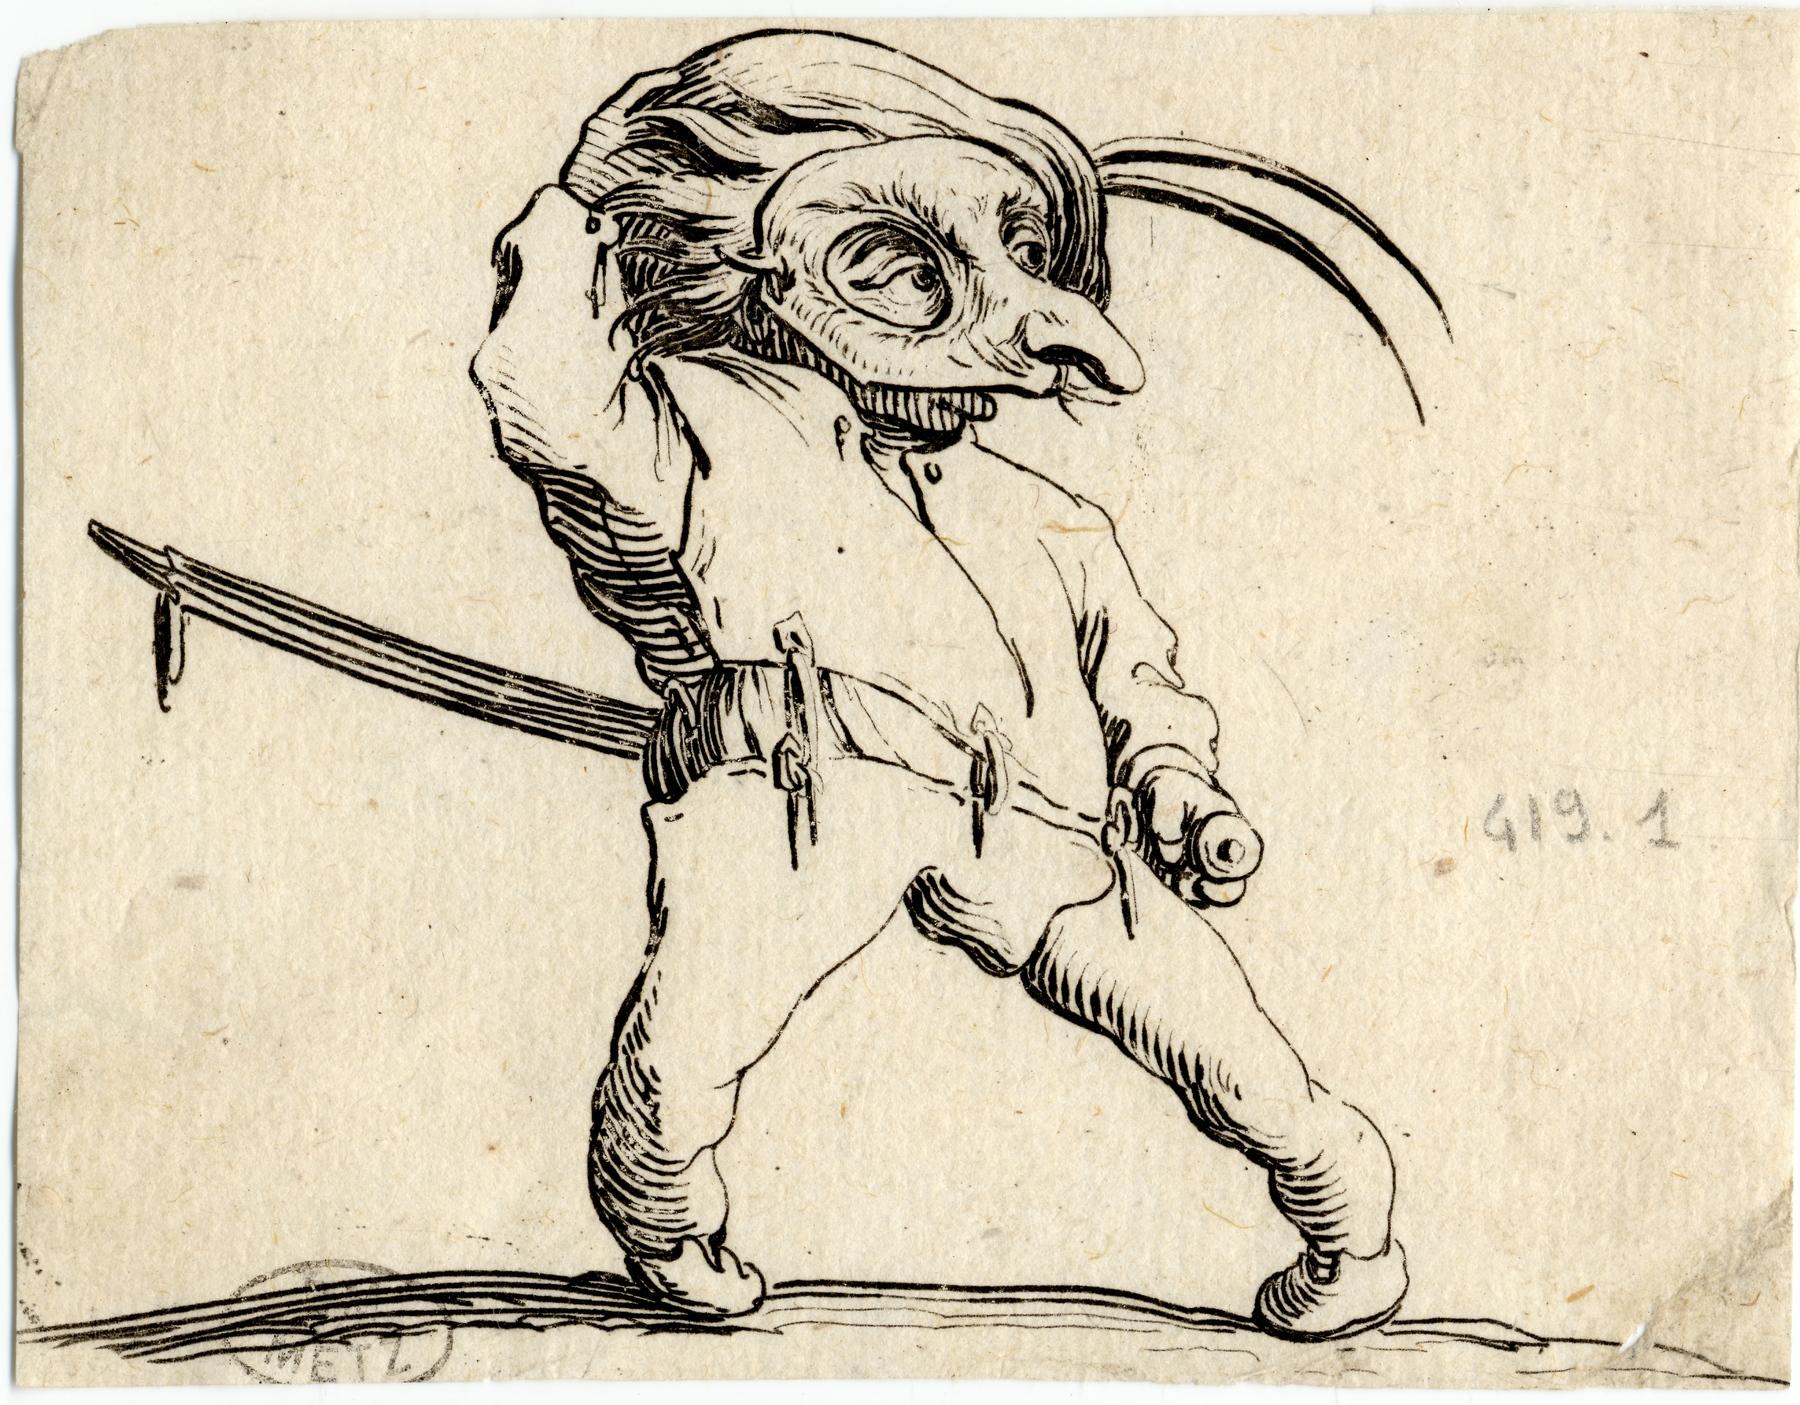 Contenu du Les Gobbi: L'homme masqué aux jambes torses